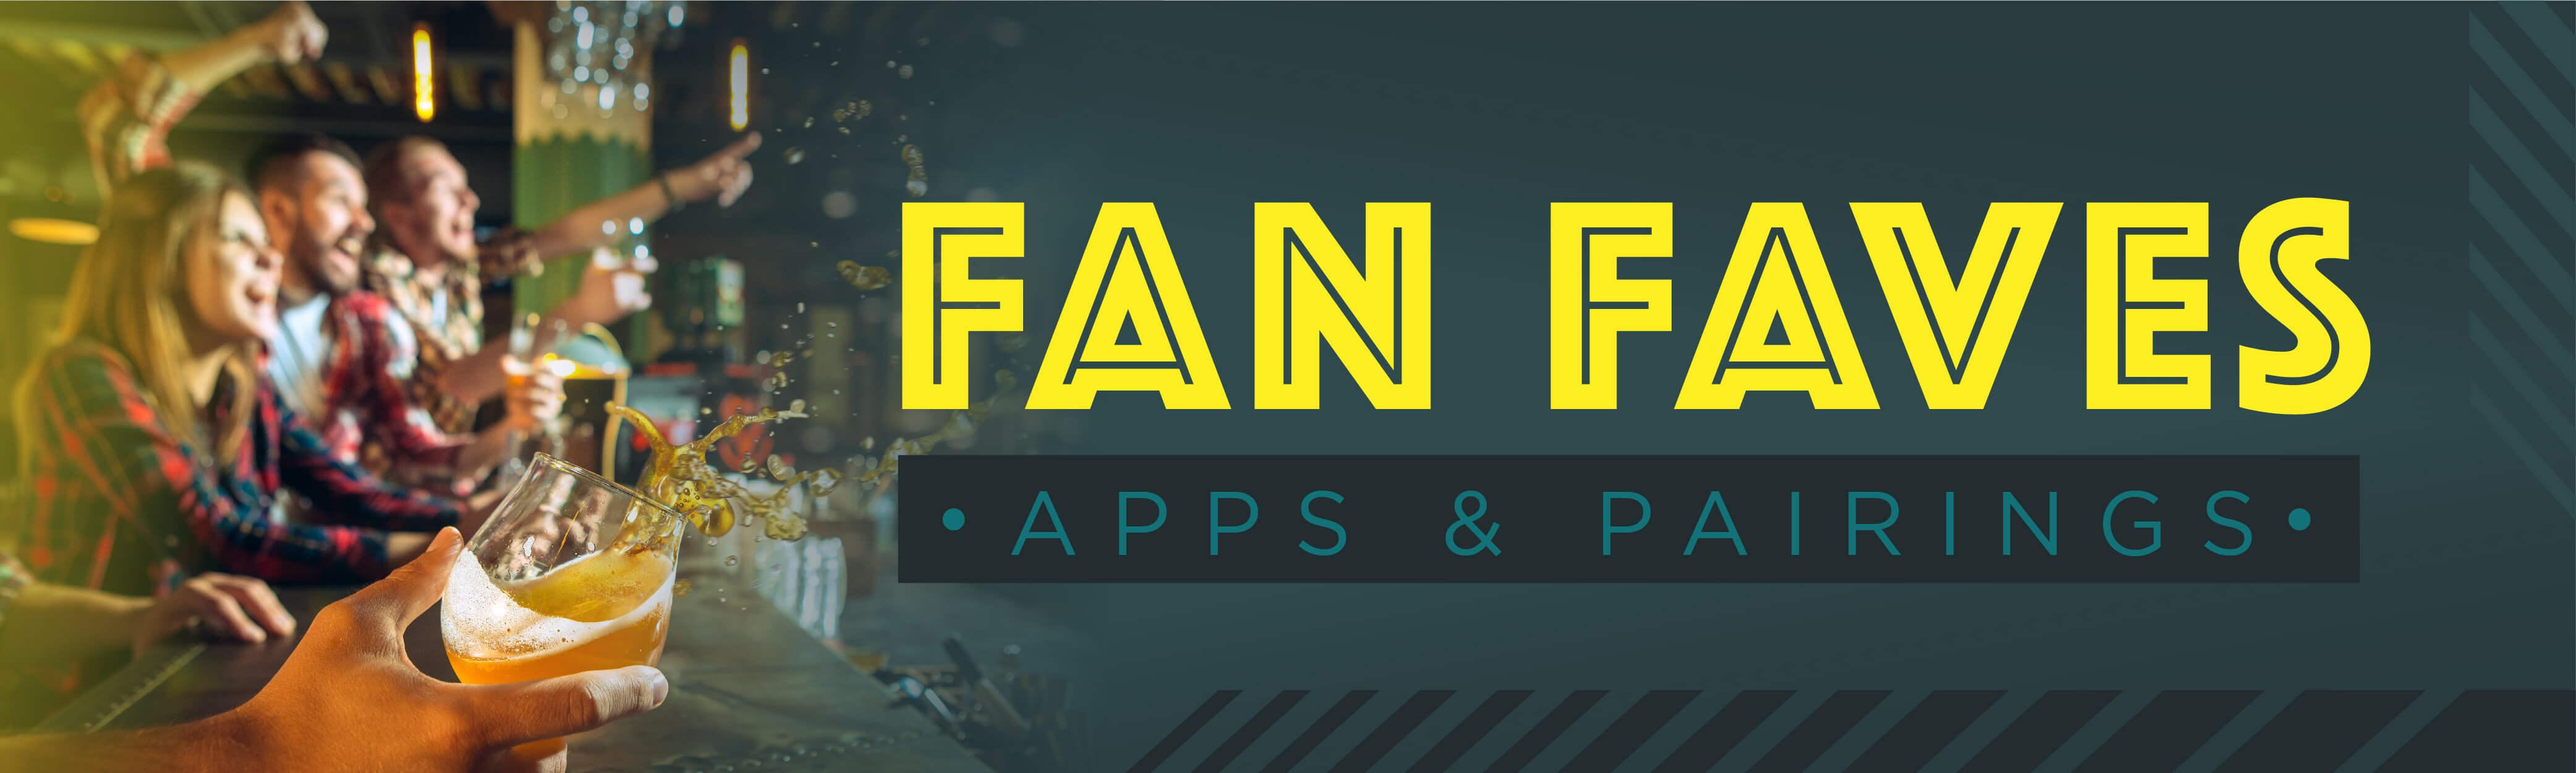 p5-fan-faves-slider-en